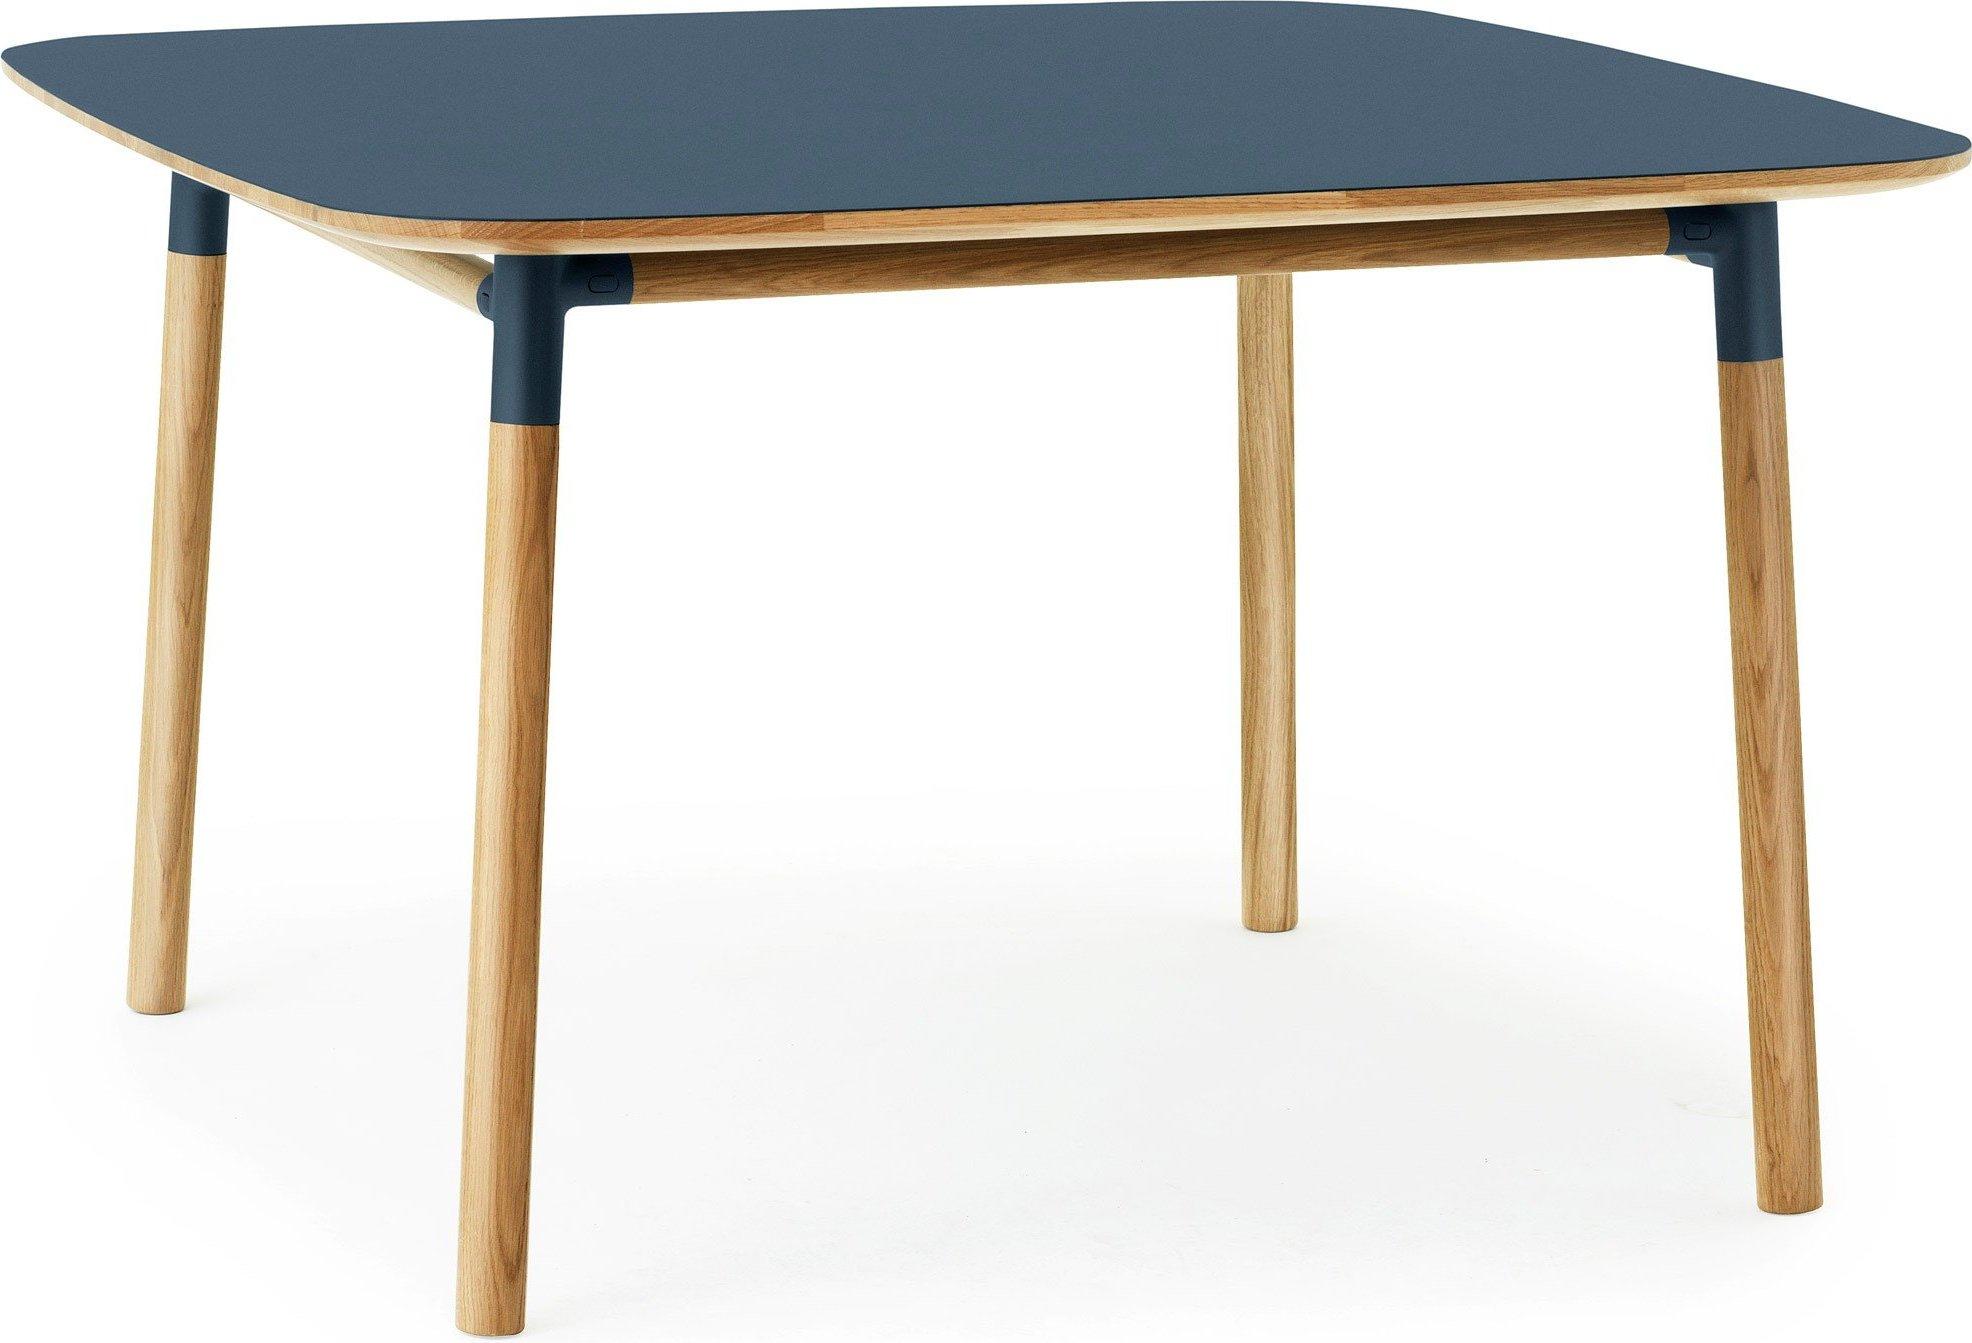 Stół Form 120x120 Cm Normann Copenhagen Simon Legald Ff